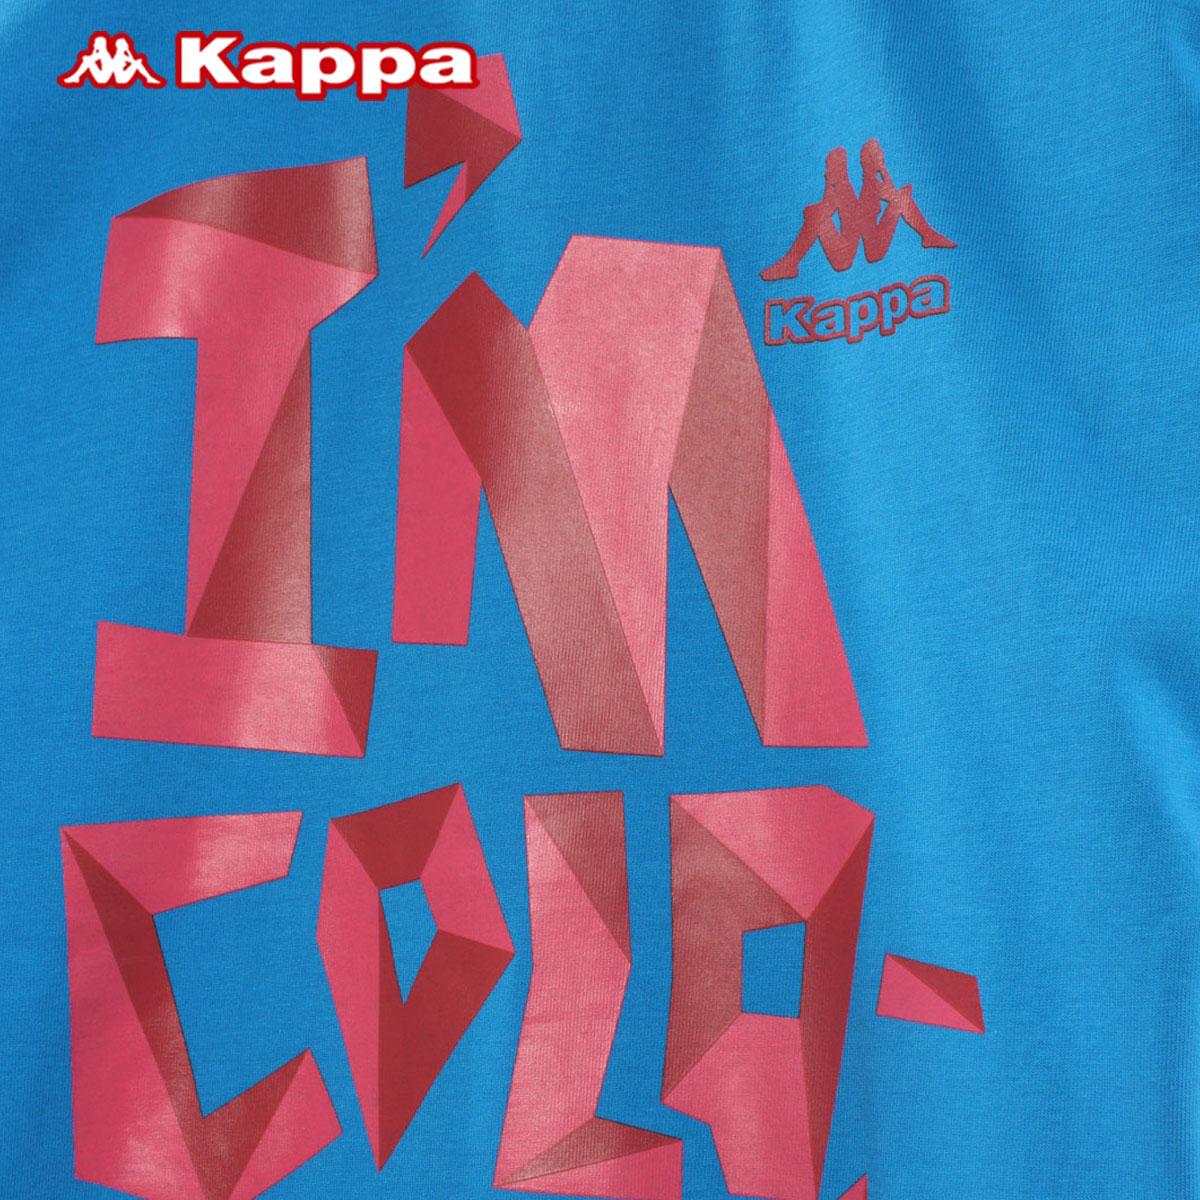 Спортивная футболка KAPPA k0132td51/841 K0132TD51-841 Стандартный О-вырез Короткие рукава ( ≧35cm ) 100 хлопок Для спорта и отдыха Быстросохнущие, Ультралегкие, Воздухопроницаемые % Рисунок, Надпись